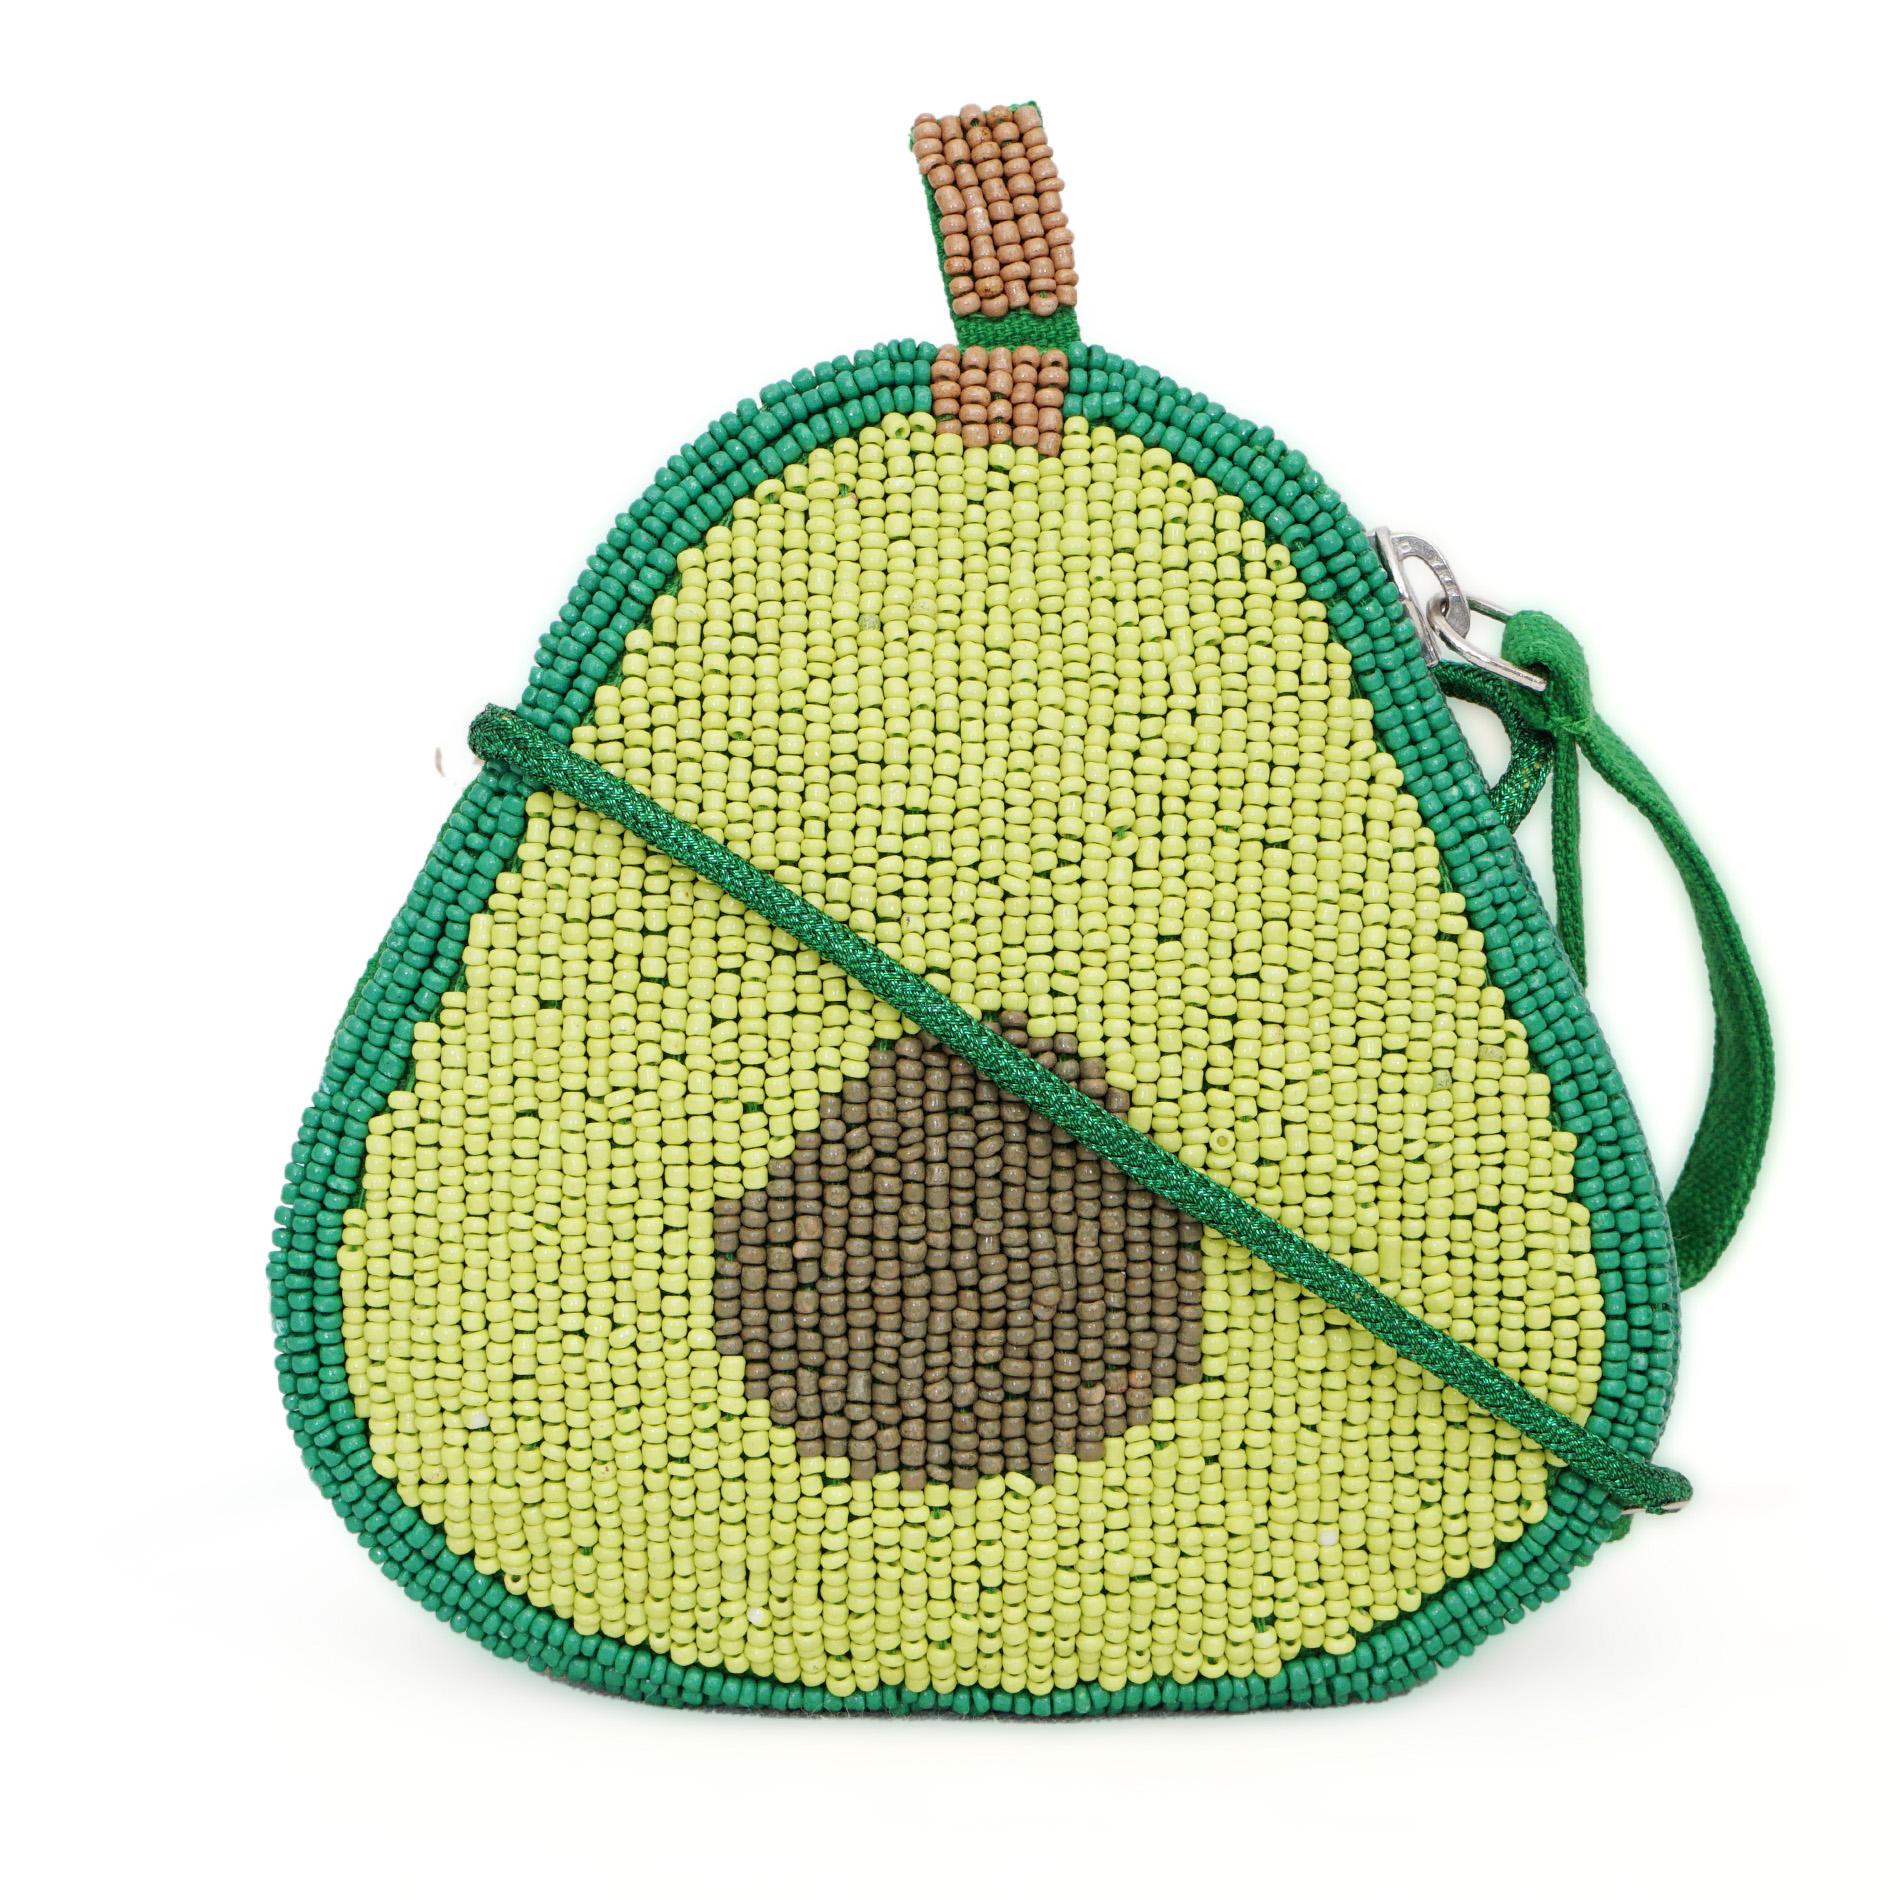 DIWAAH | Diwaah Green Color Casual Sling Bag